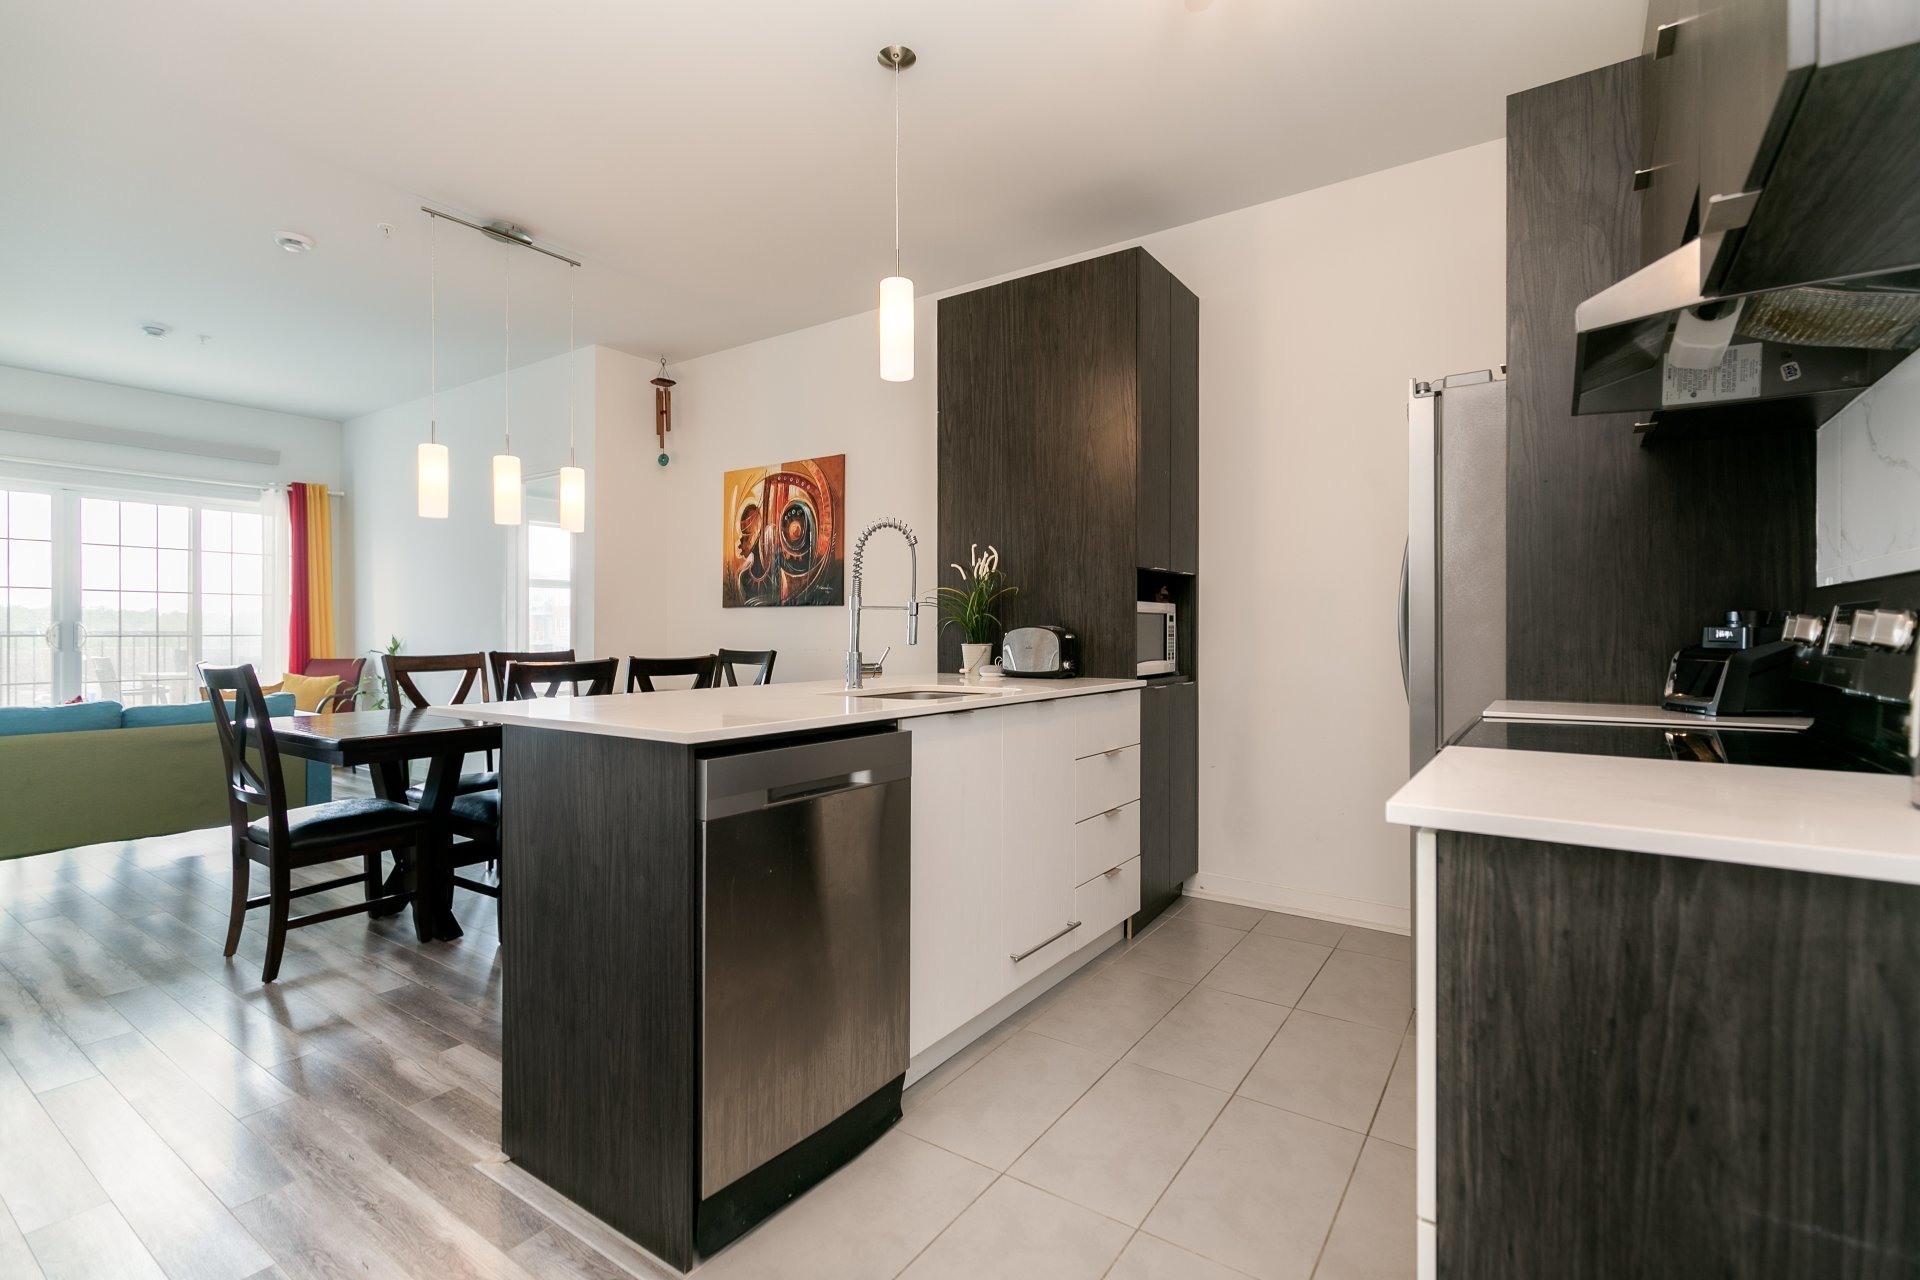 image 6 - Appartement À vendre Brossard - 10 pièces